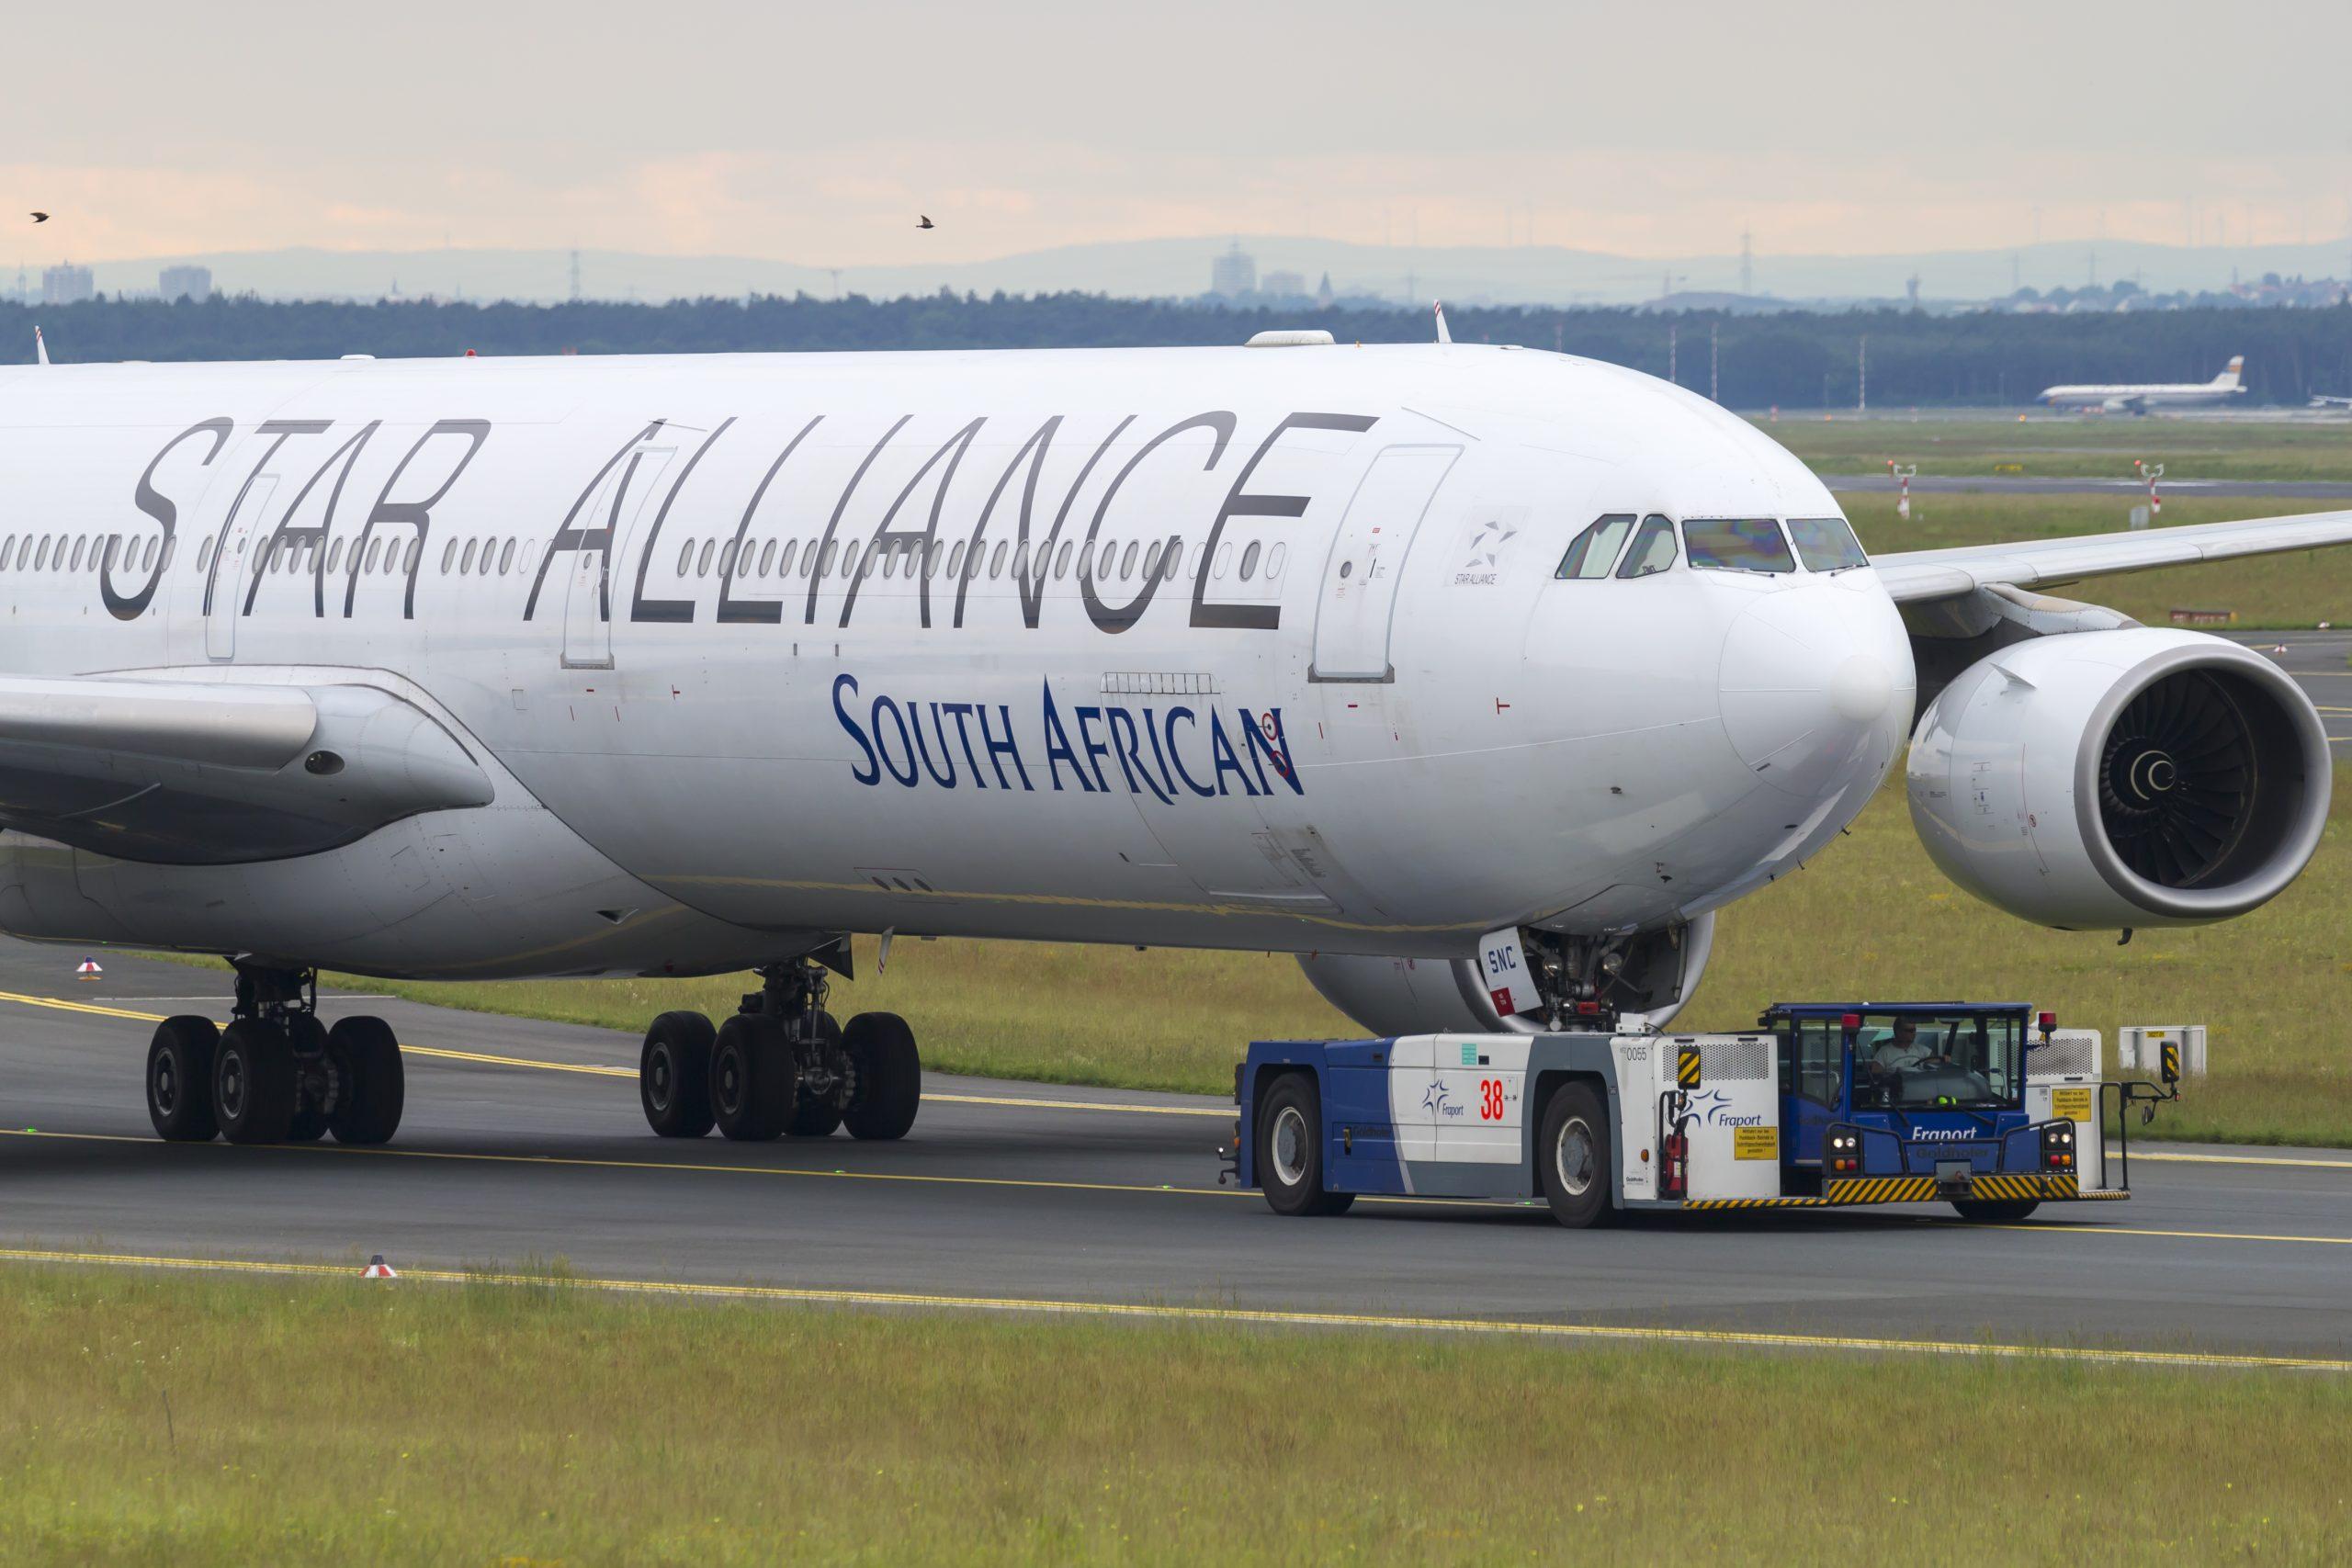 South African Airways har i årevis været udfordret af en dårlig økonomi og kom i december sidste år i en slags kontrolleret betalingsstandsning, business rescue-proces. Arkivfoto: © Thorbjørn Brunander Sund, Danish Aviation Photo.